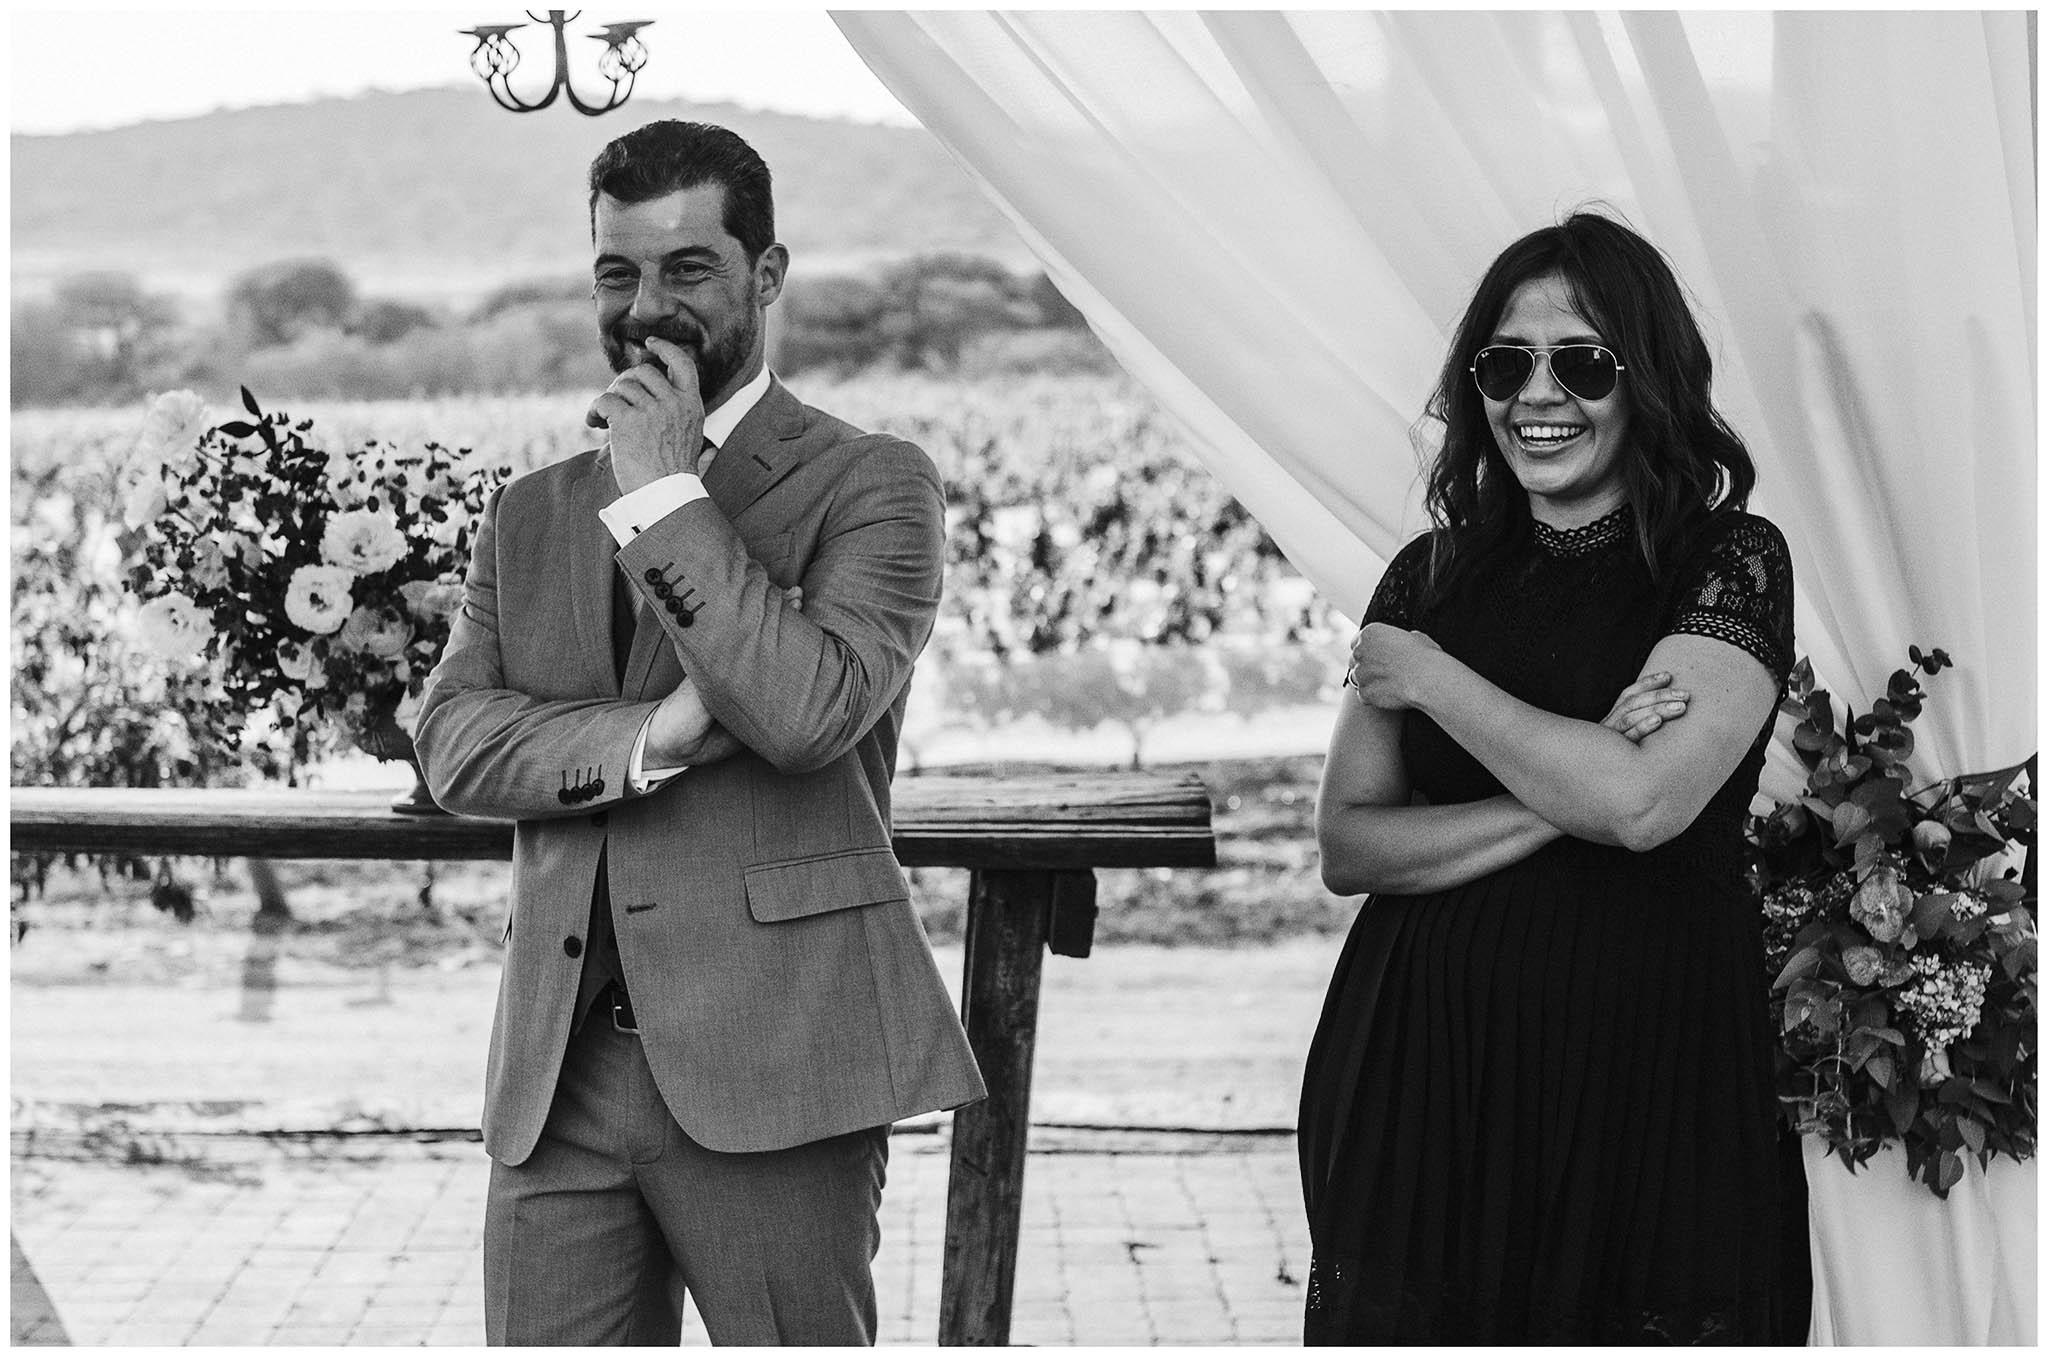 fotografo-bodas-viñedo-puerta-lobo-015.jpg